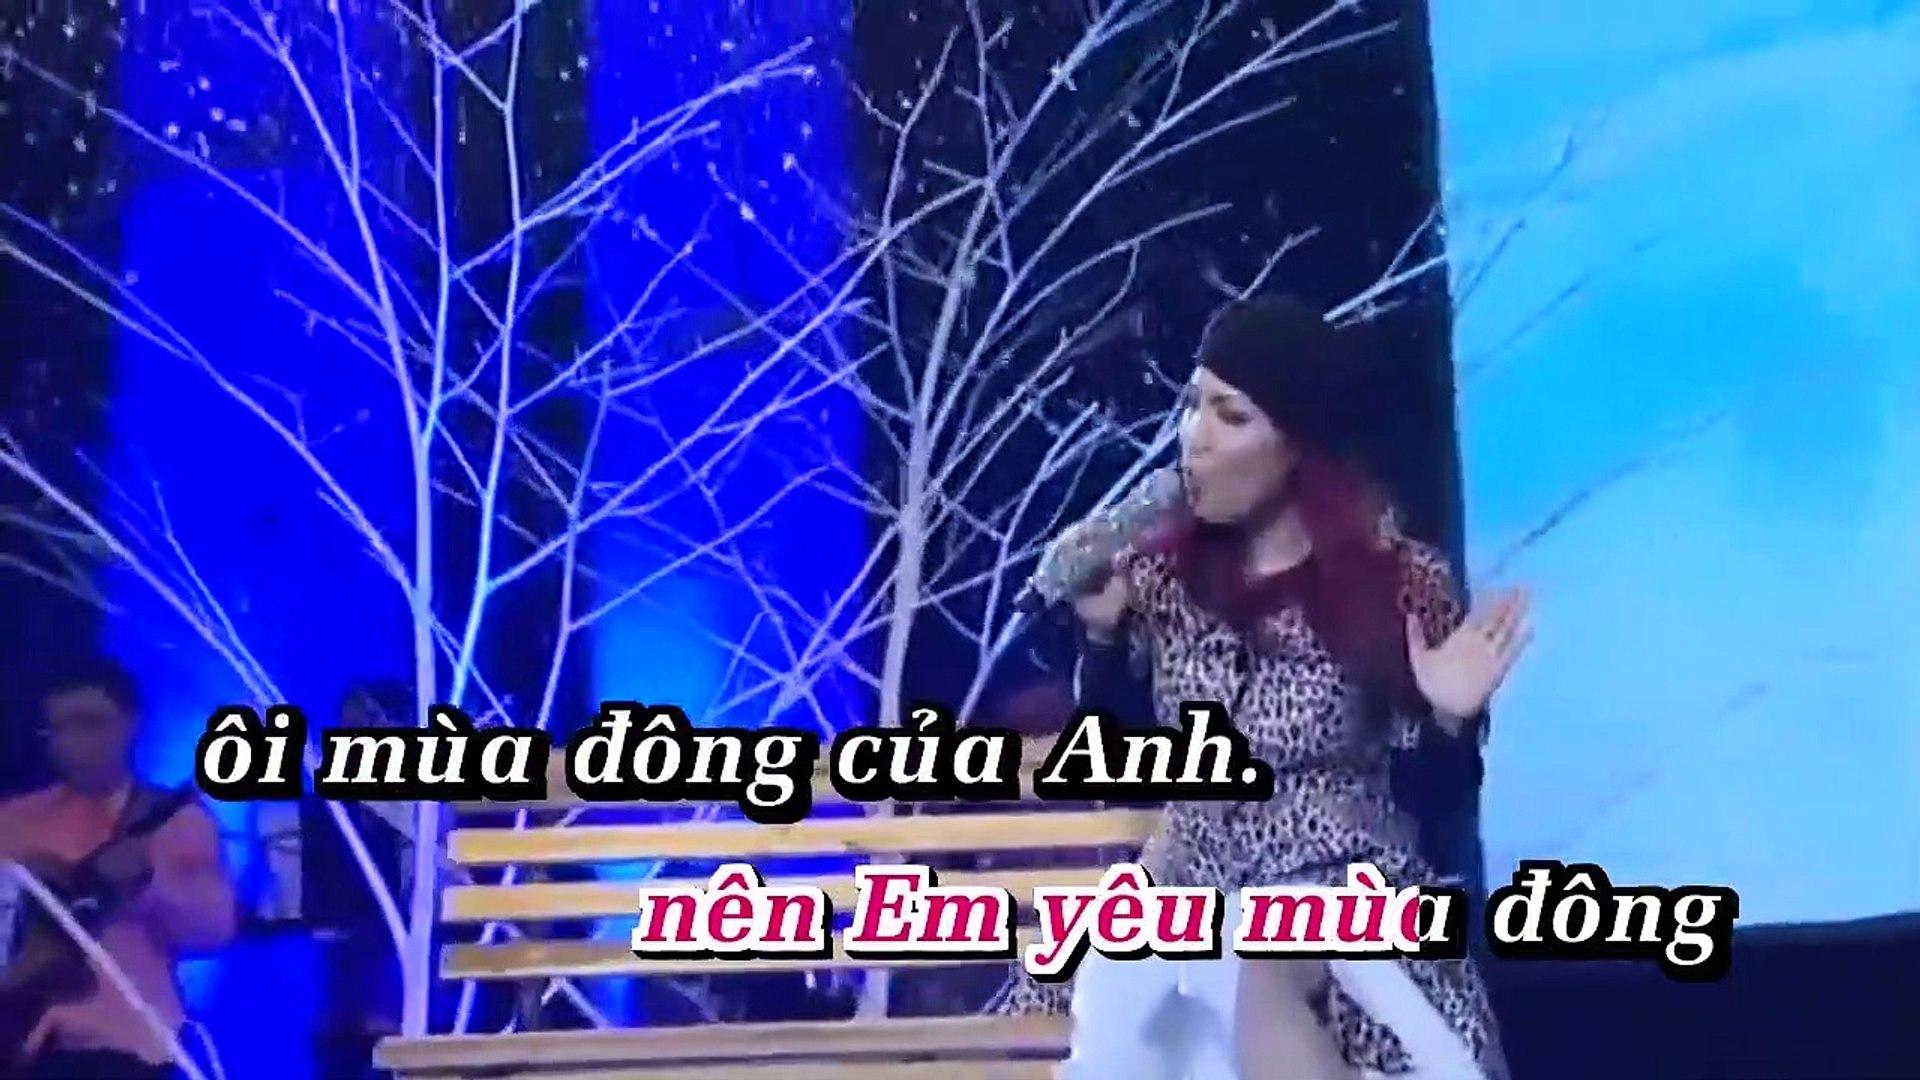 [Karaoke] Mùa Đông Của Anh - Hồng Ngọc [Beat]